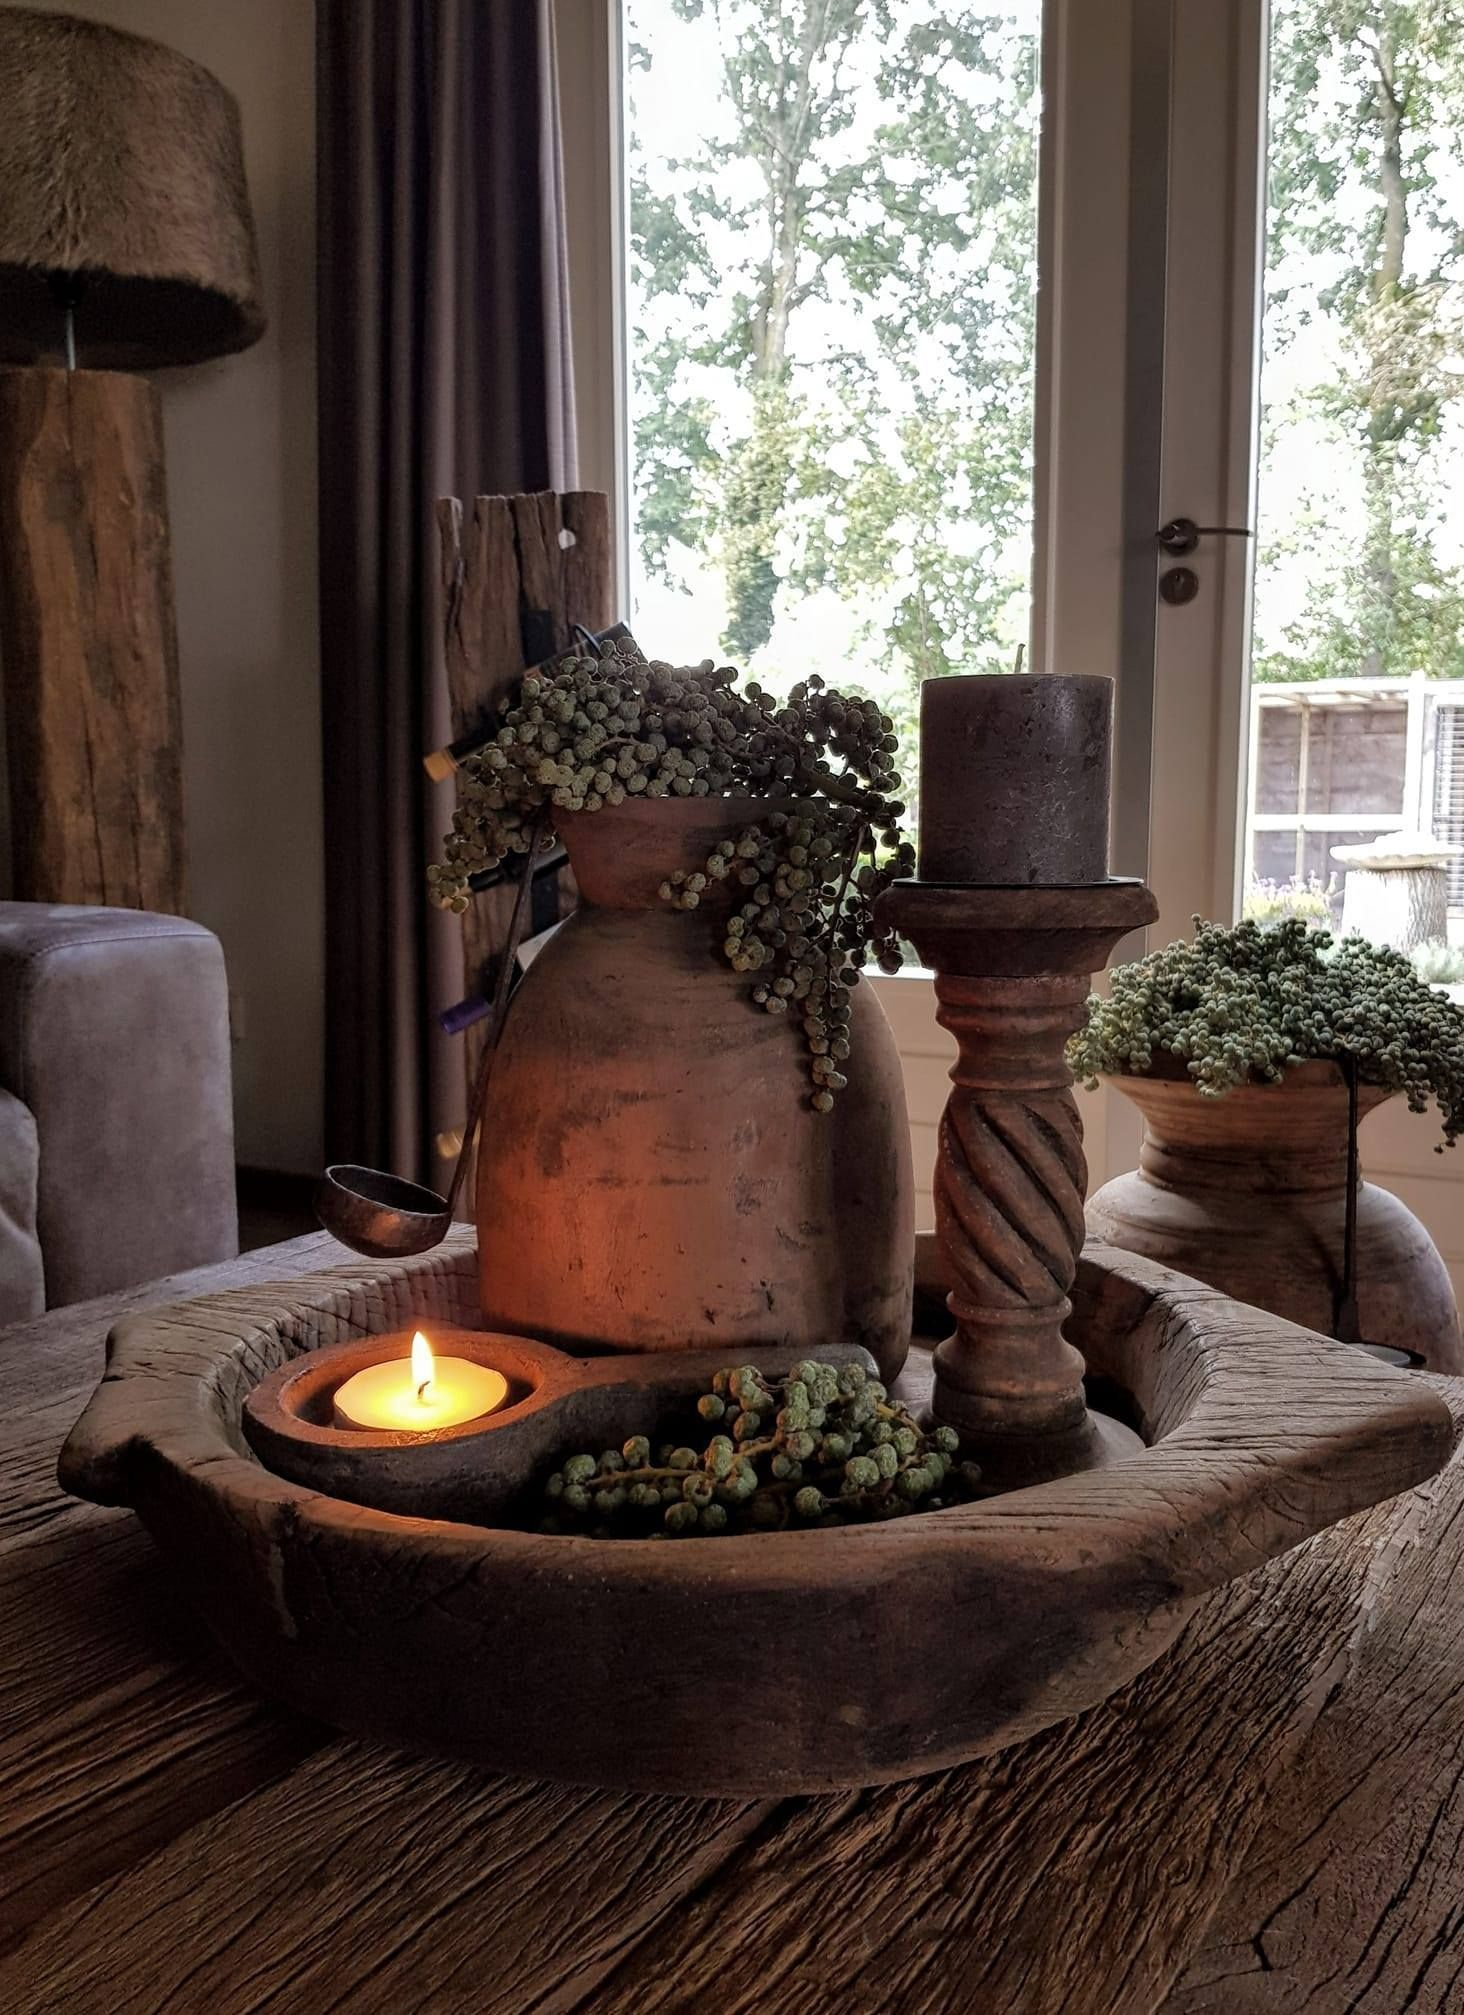 Koeienhuiddecoraties Woonaccessoires Landelijke Woonaccessoires Bij Koeienhuiddecoraties Home Decor Decor Cozy Decor